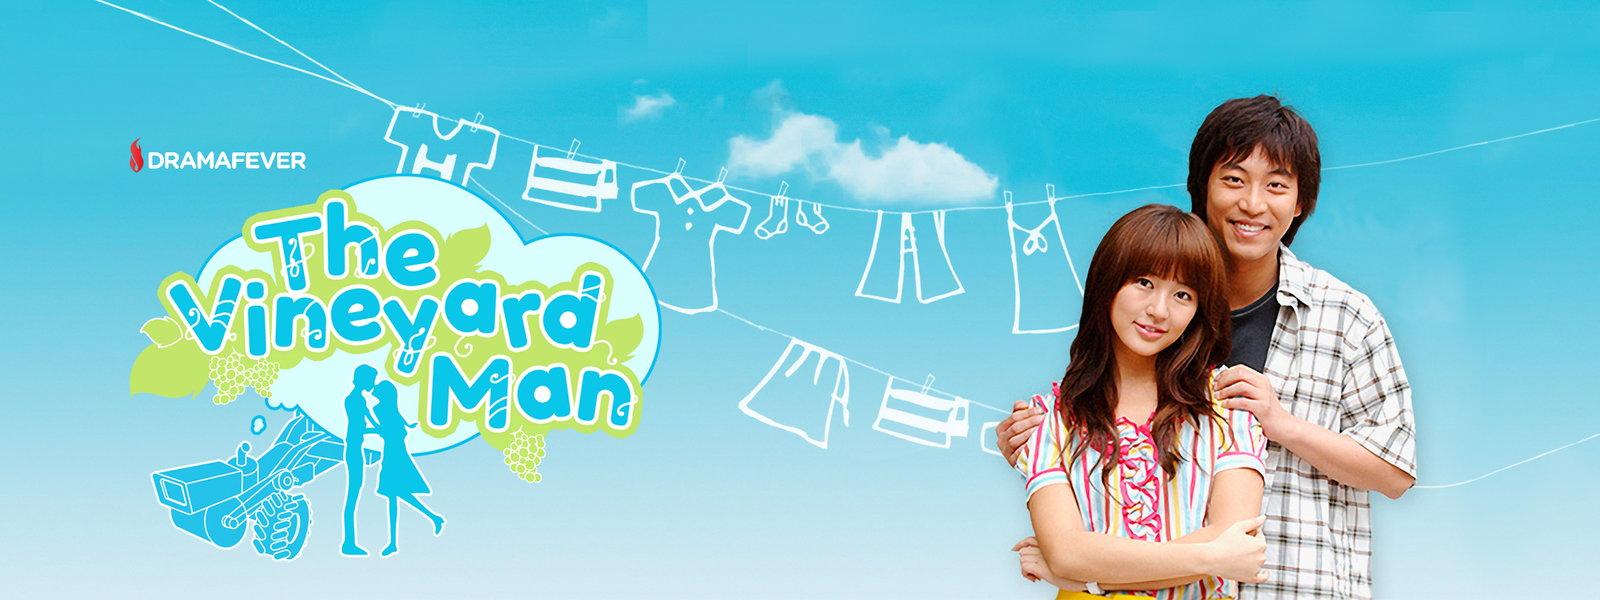 """Sau Goong, Yoon Eun Hye nhận được sự quan tâm và yêu thích của người xem truyền hình khi vào vai cô nàng """"bánh bèo chính hiệu"""" với những tình huống bi hài trong Vườn nho."""